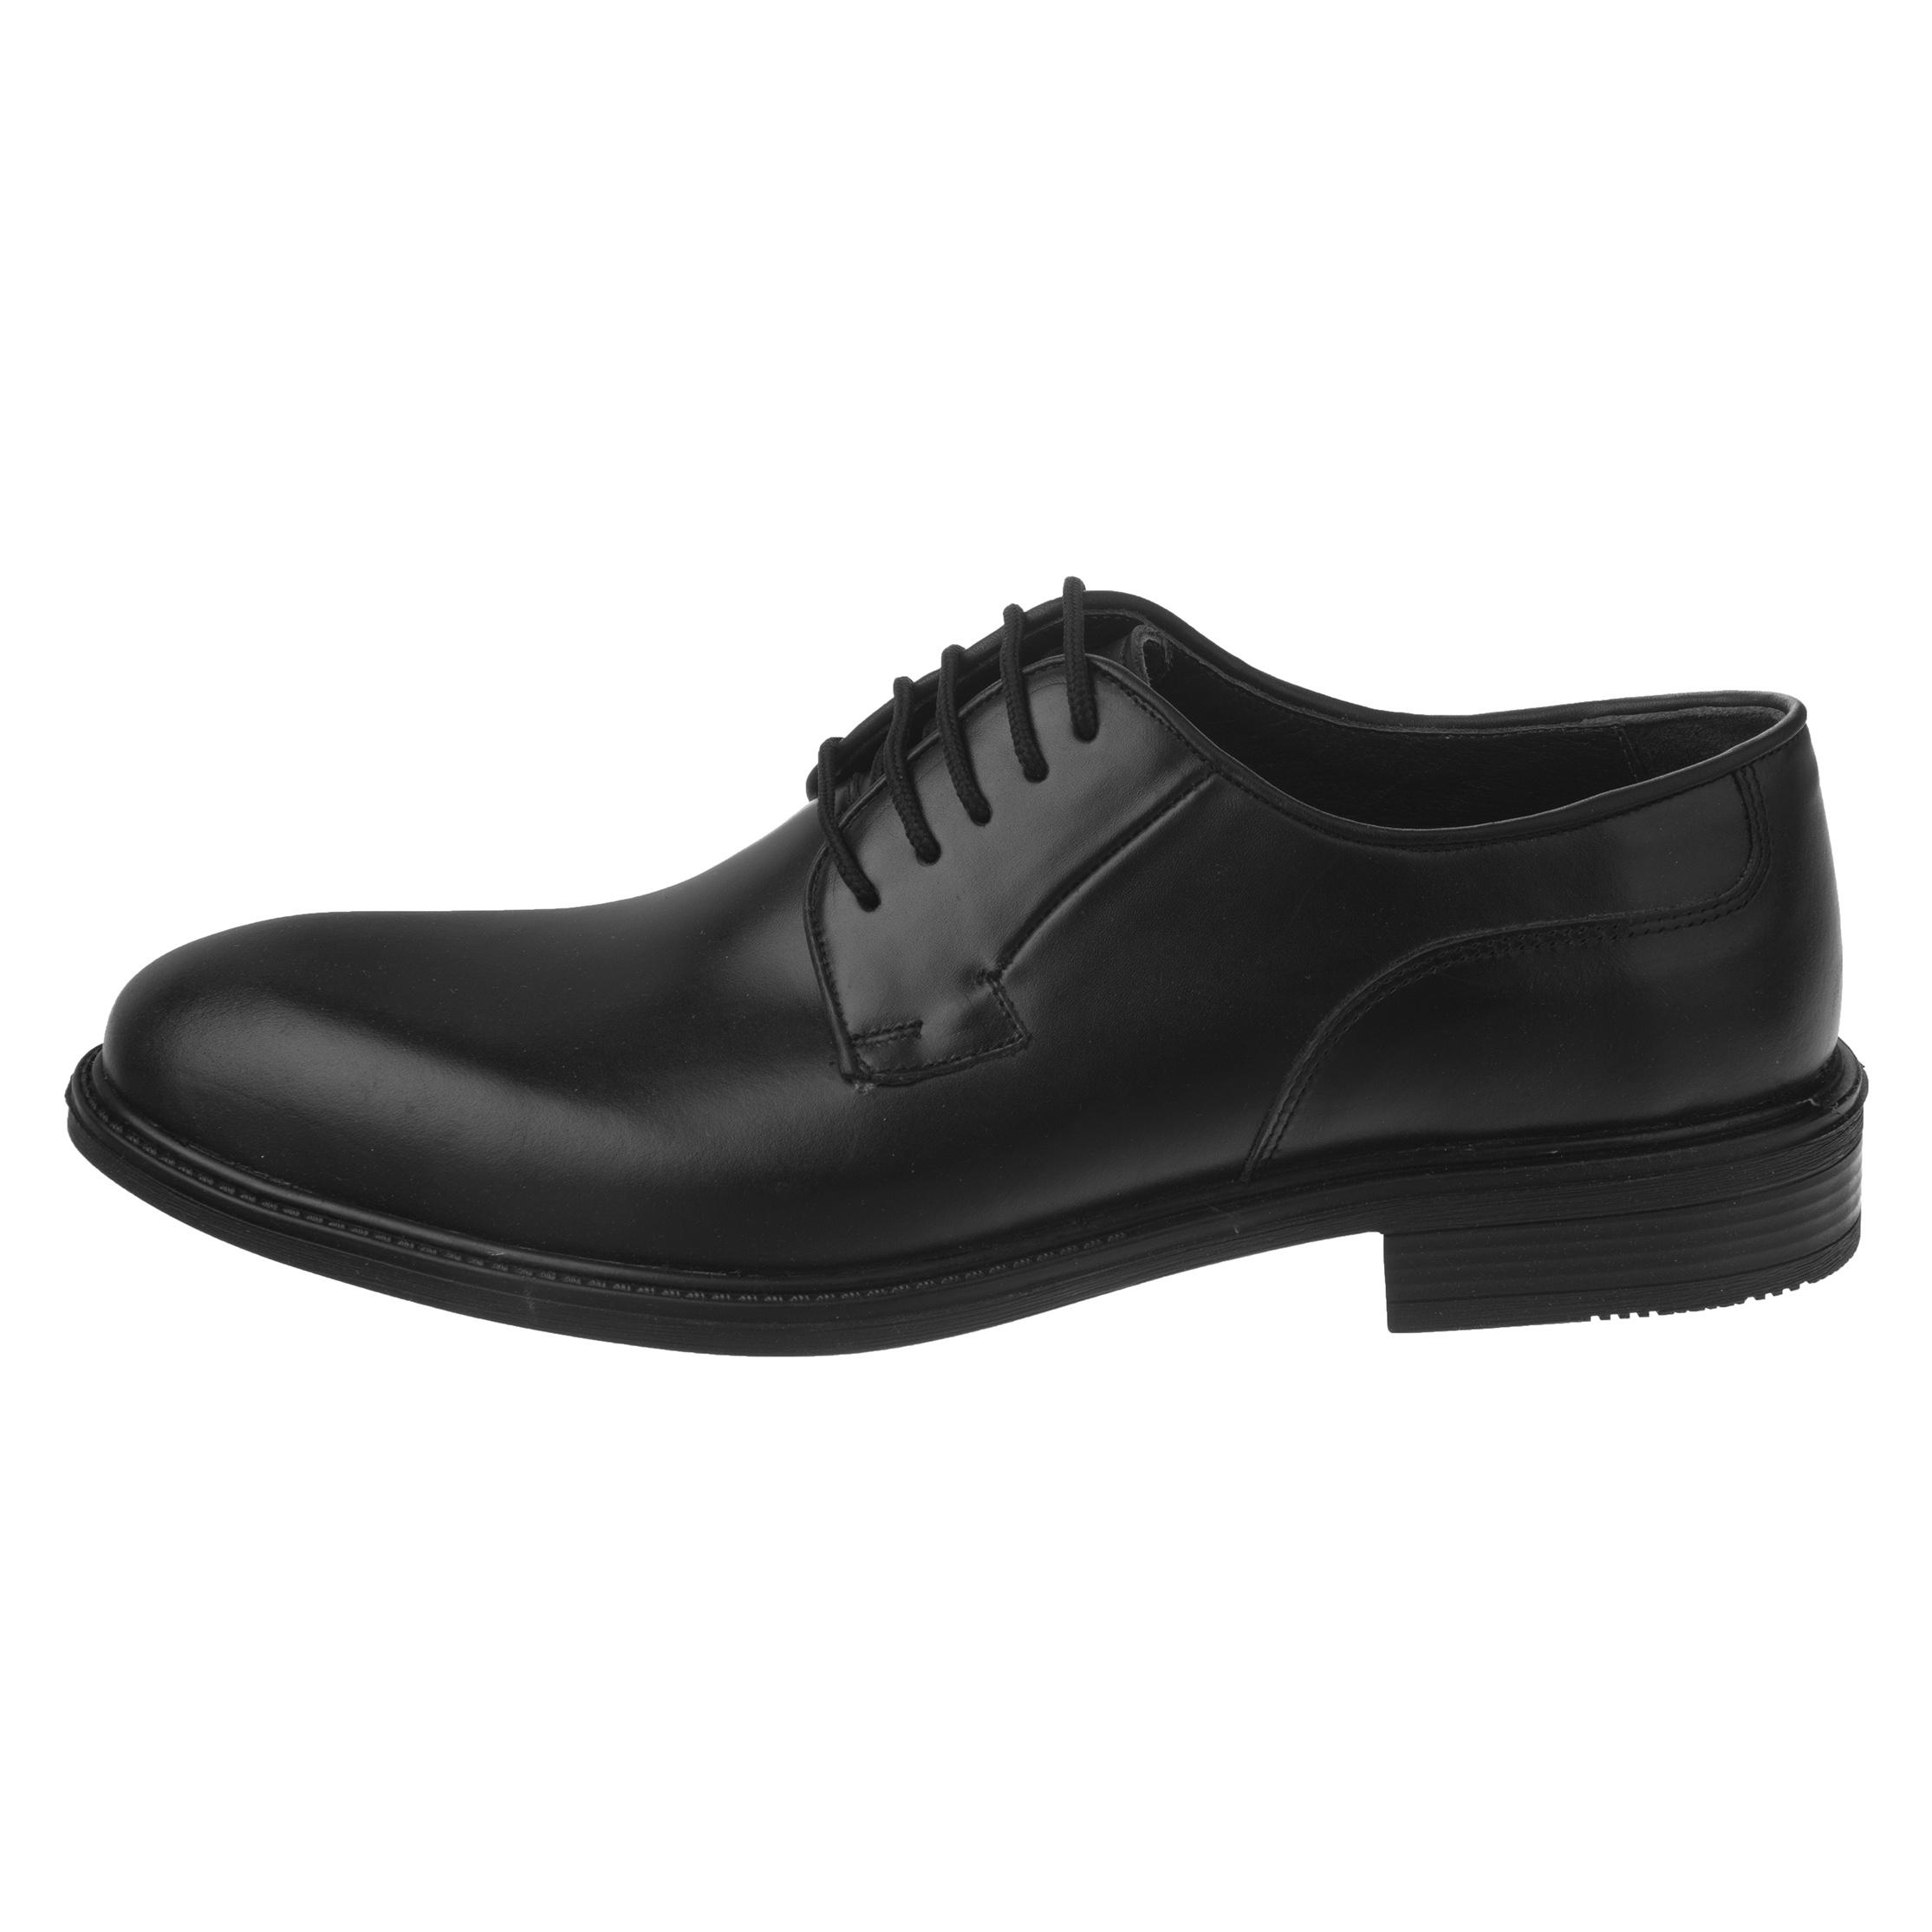 کفش مردانه شیفر مدل 7220I-101